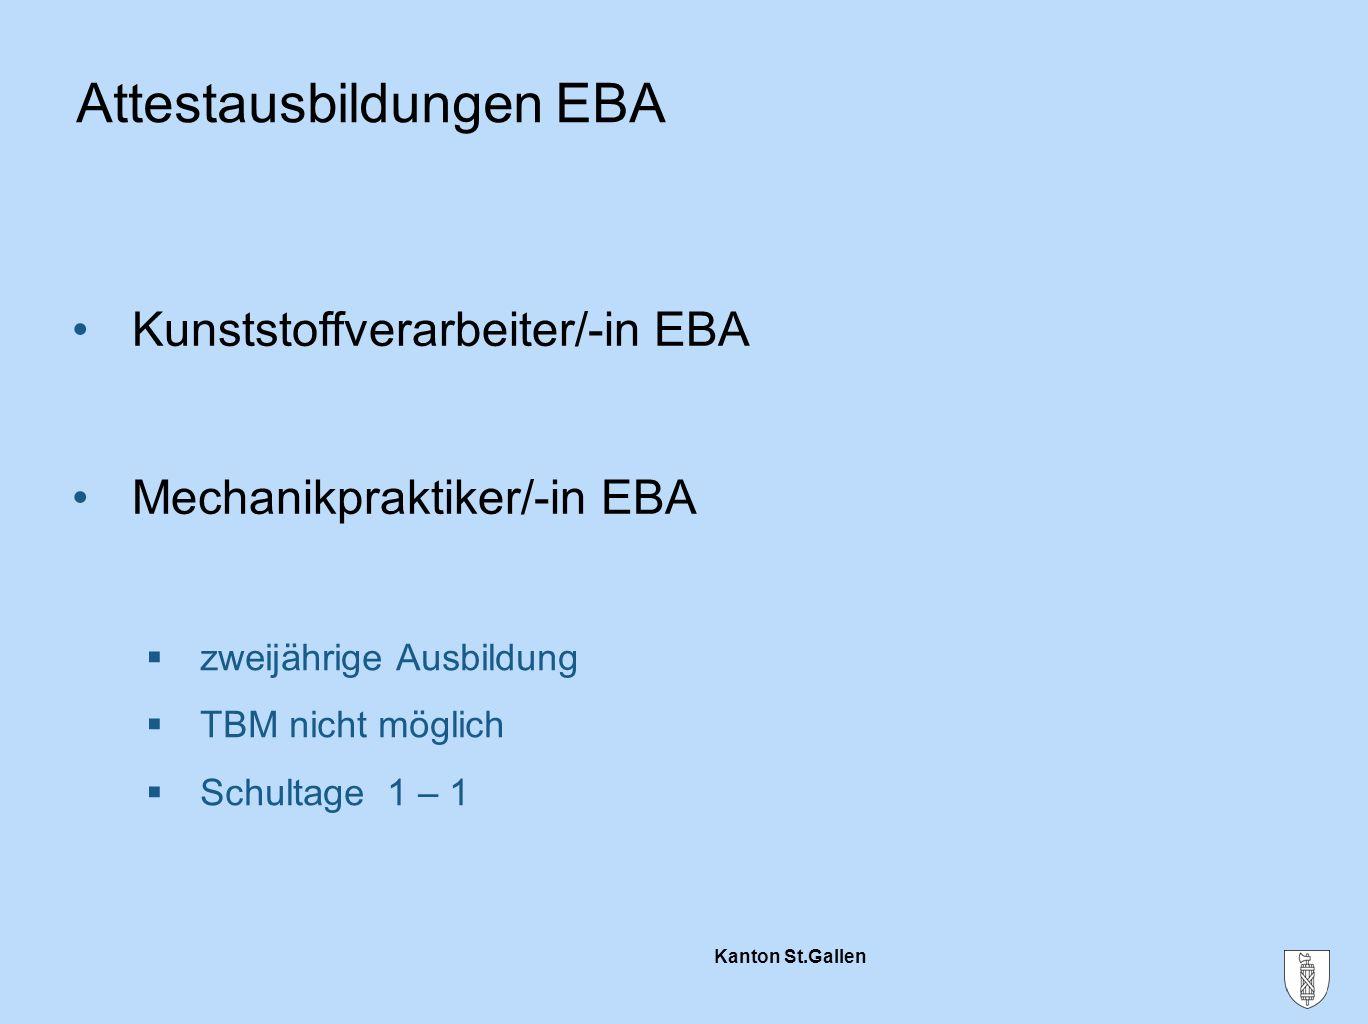 Kanton St.Gallen  zweijährige Ausbildung  TBM nicht möglich  Schultage 1 – 1 Attestausbildungen EBA Kunststoffverarbeiter/-in EBA Mechanikpraktiker